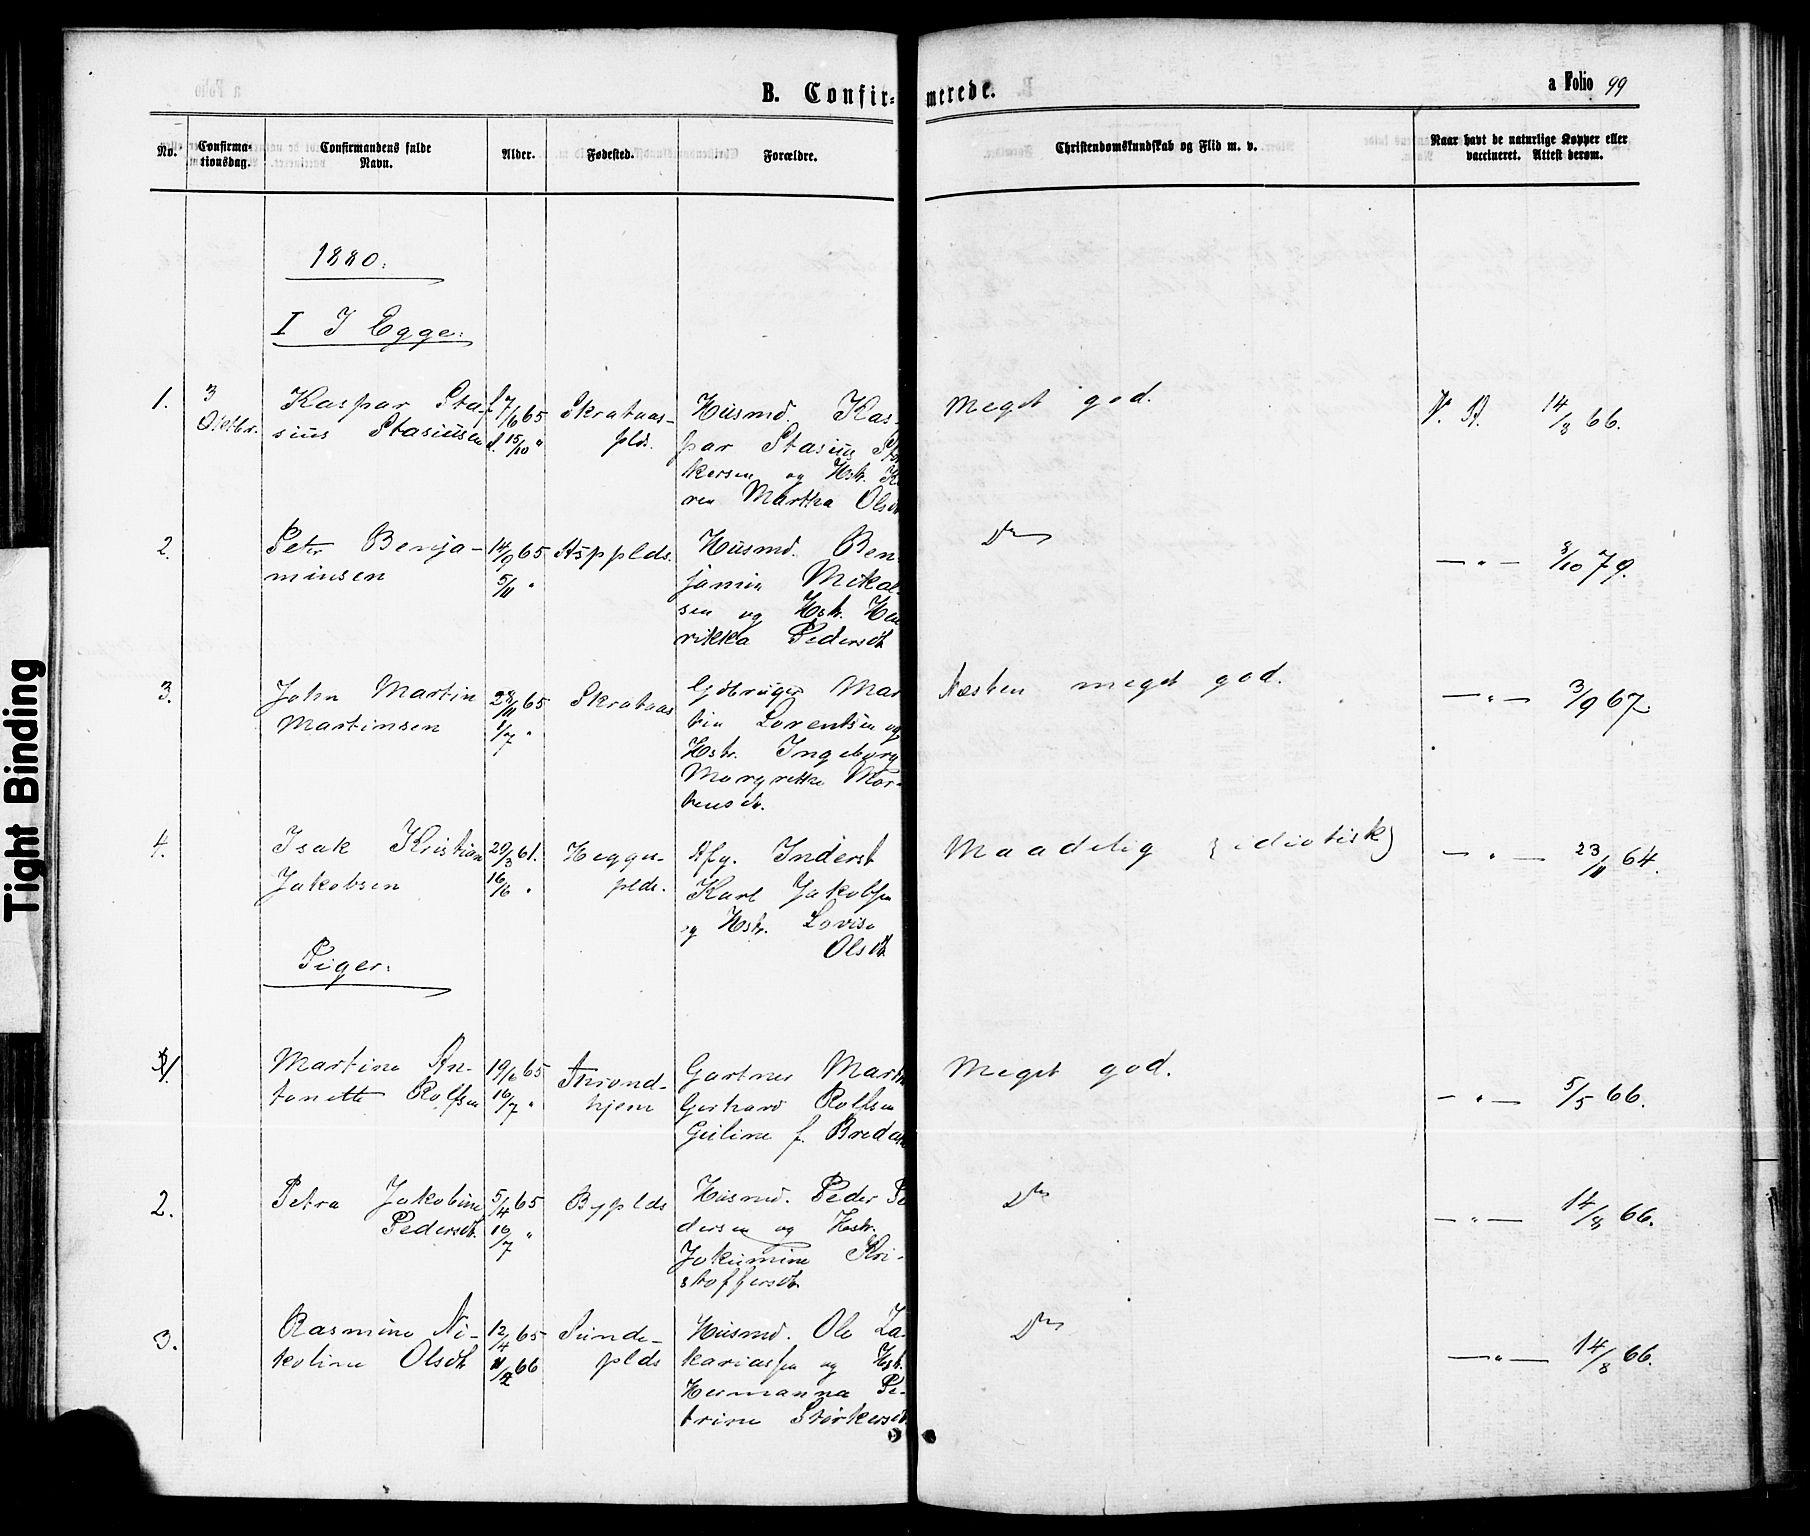 SAT, Ministerialprotokoller, klokkerbøker og fødselsregistre - Nord-Trøndelag, 739/L0370: Ministerialbok nr. 739A02, 1868-1881, s. 99